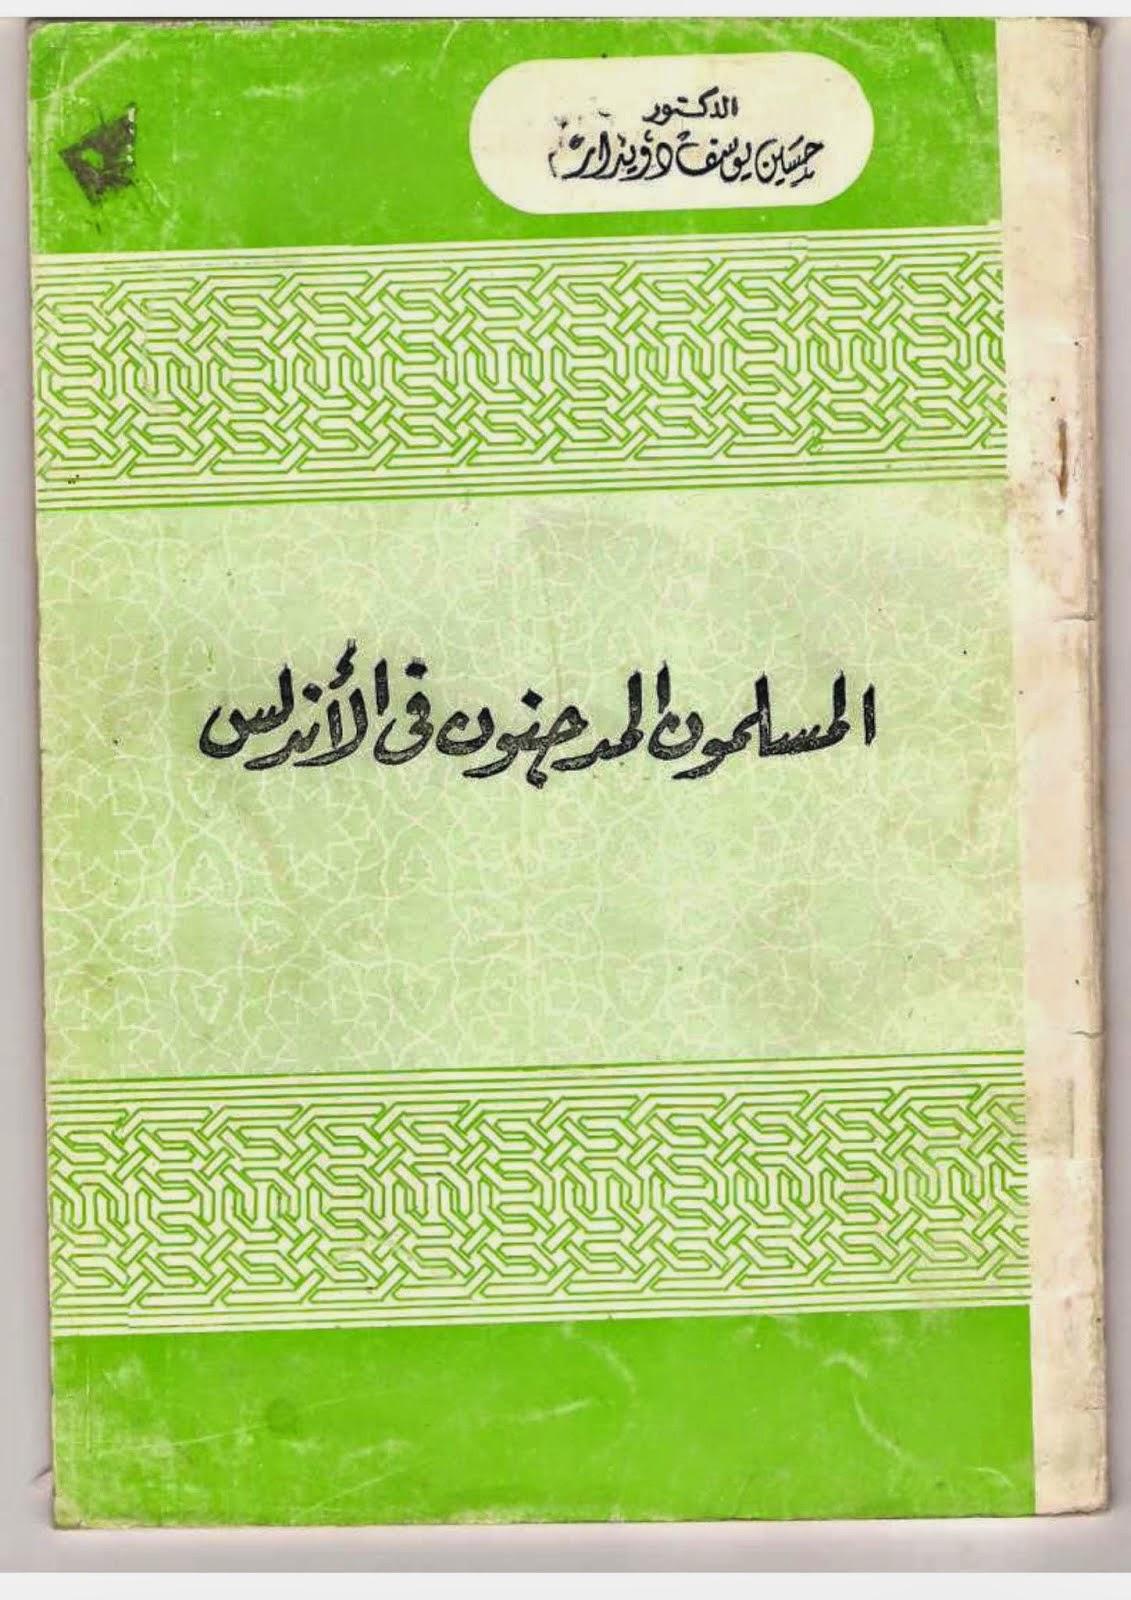 المسلمون المدجنون في الأندلس لـ حسين يوسف دويدار